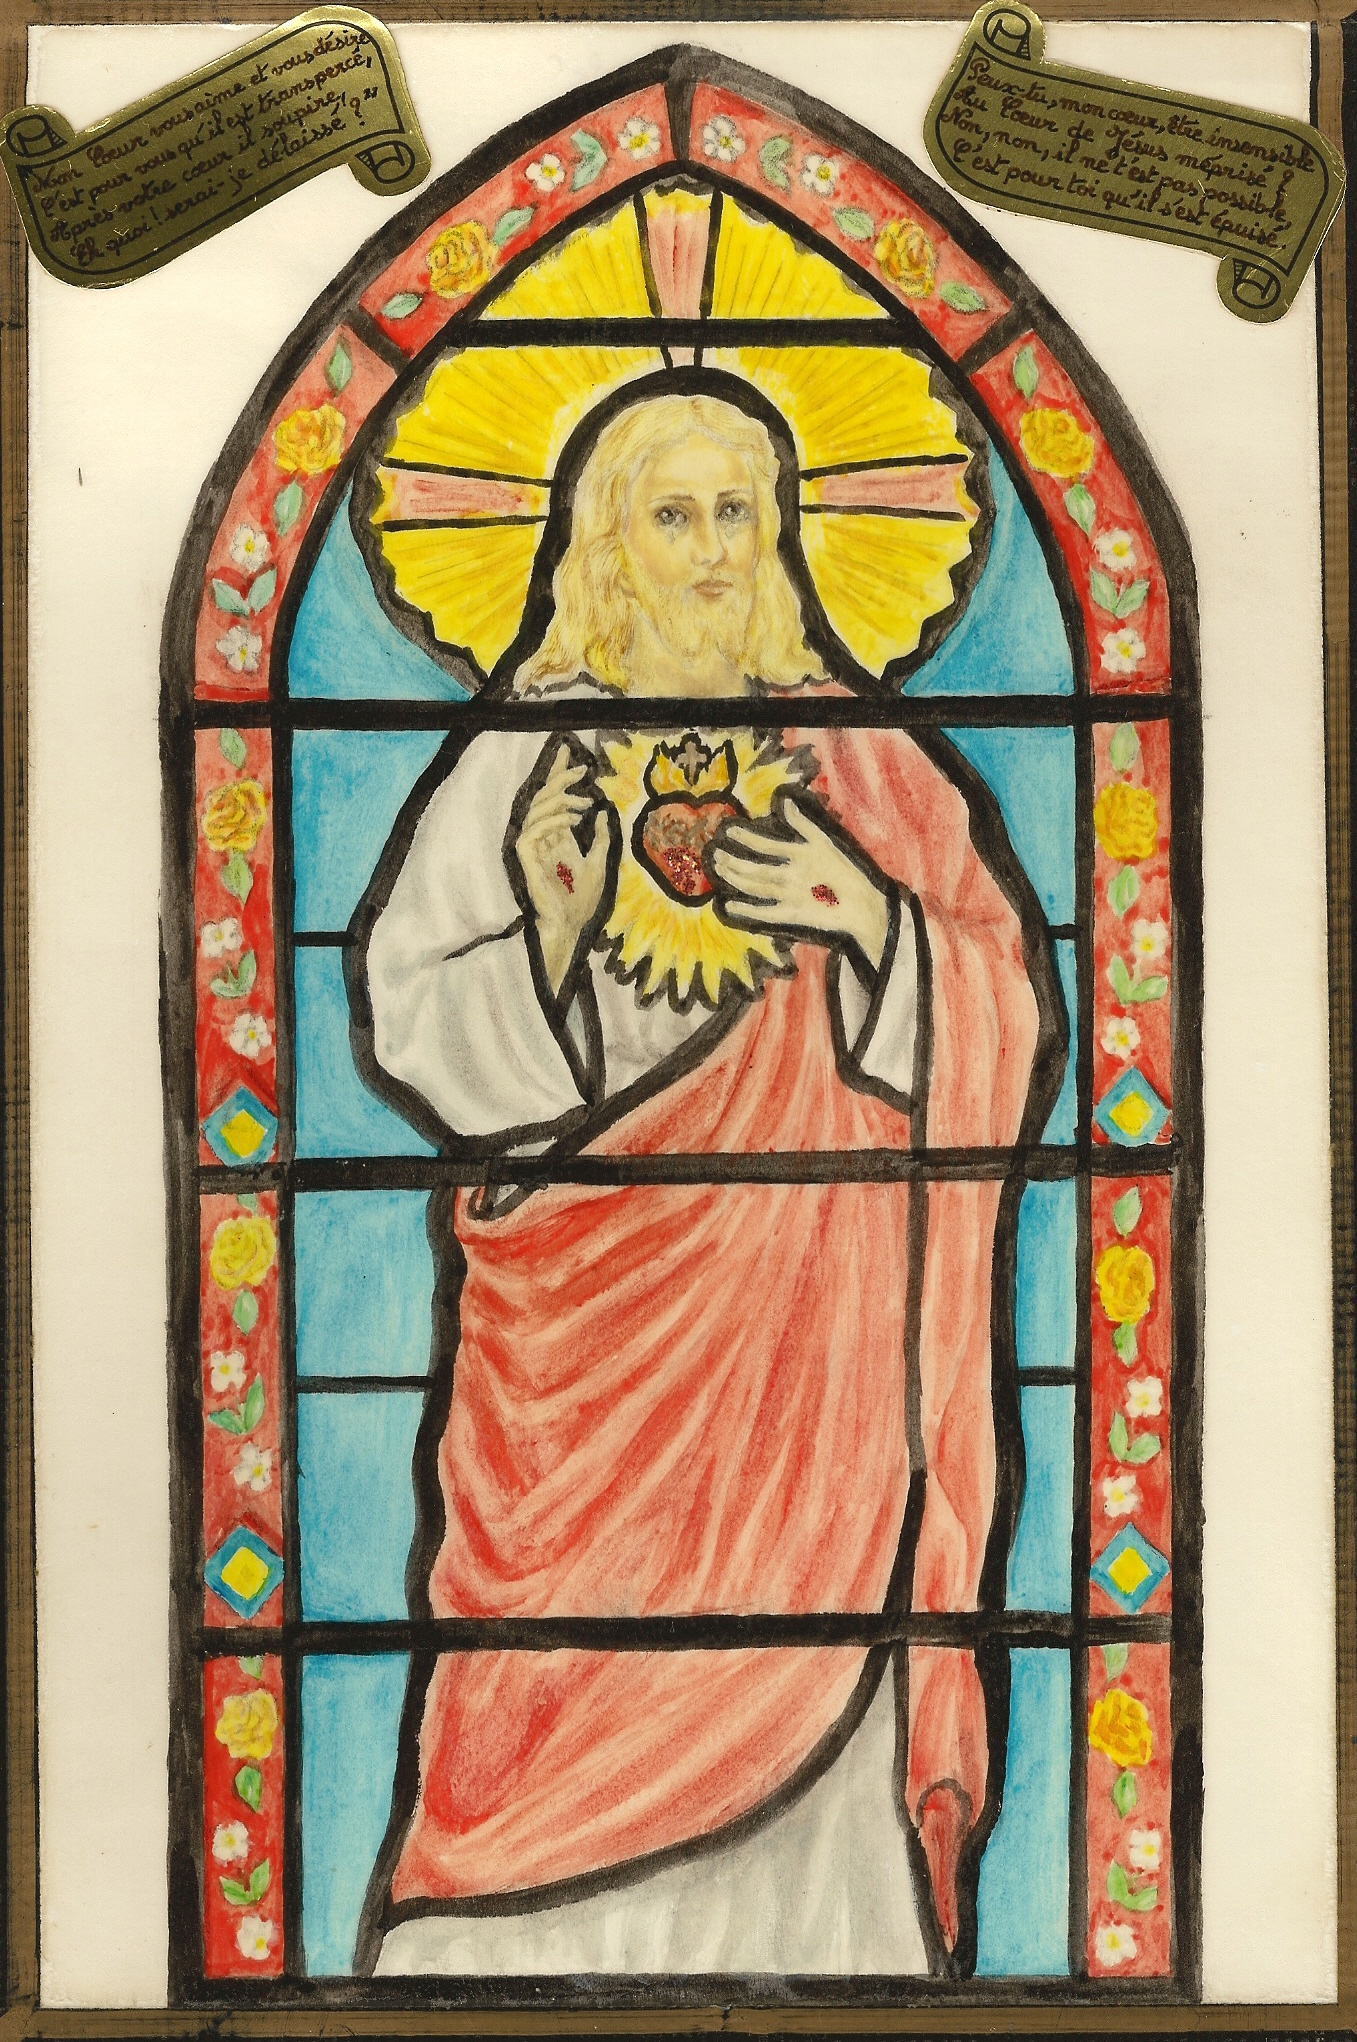 CALENDRIER CATHOLIQUE 2020 (Cantiques, Prières & Images) - Page 18 Tipeux-tu-mon-coe...-m-pris--577ca88